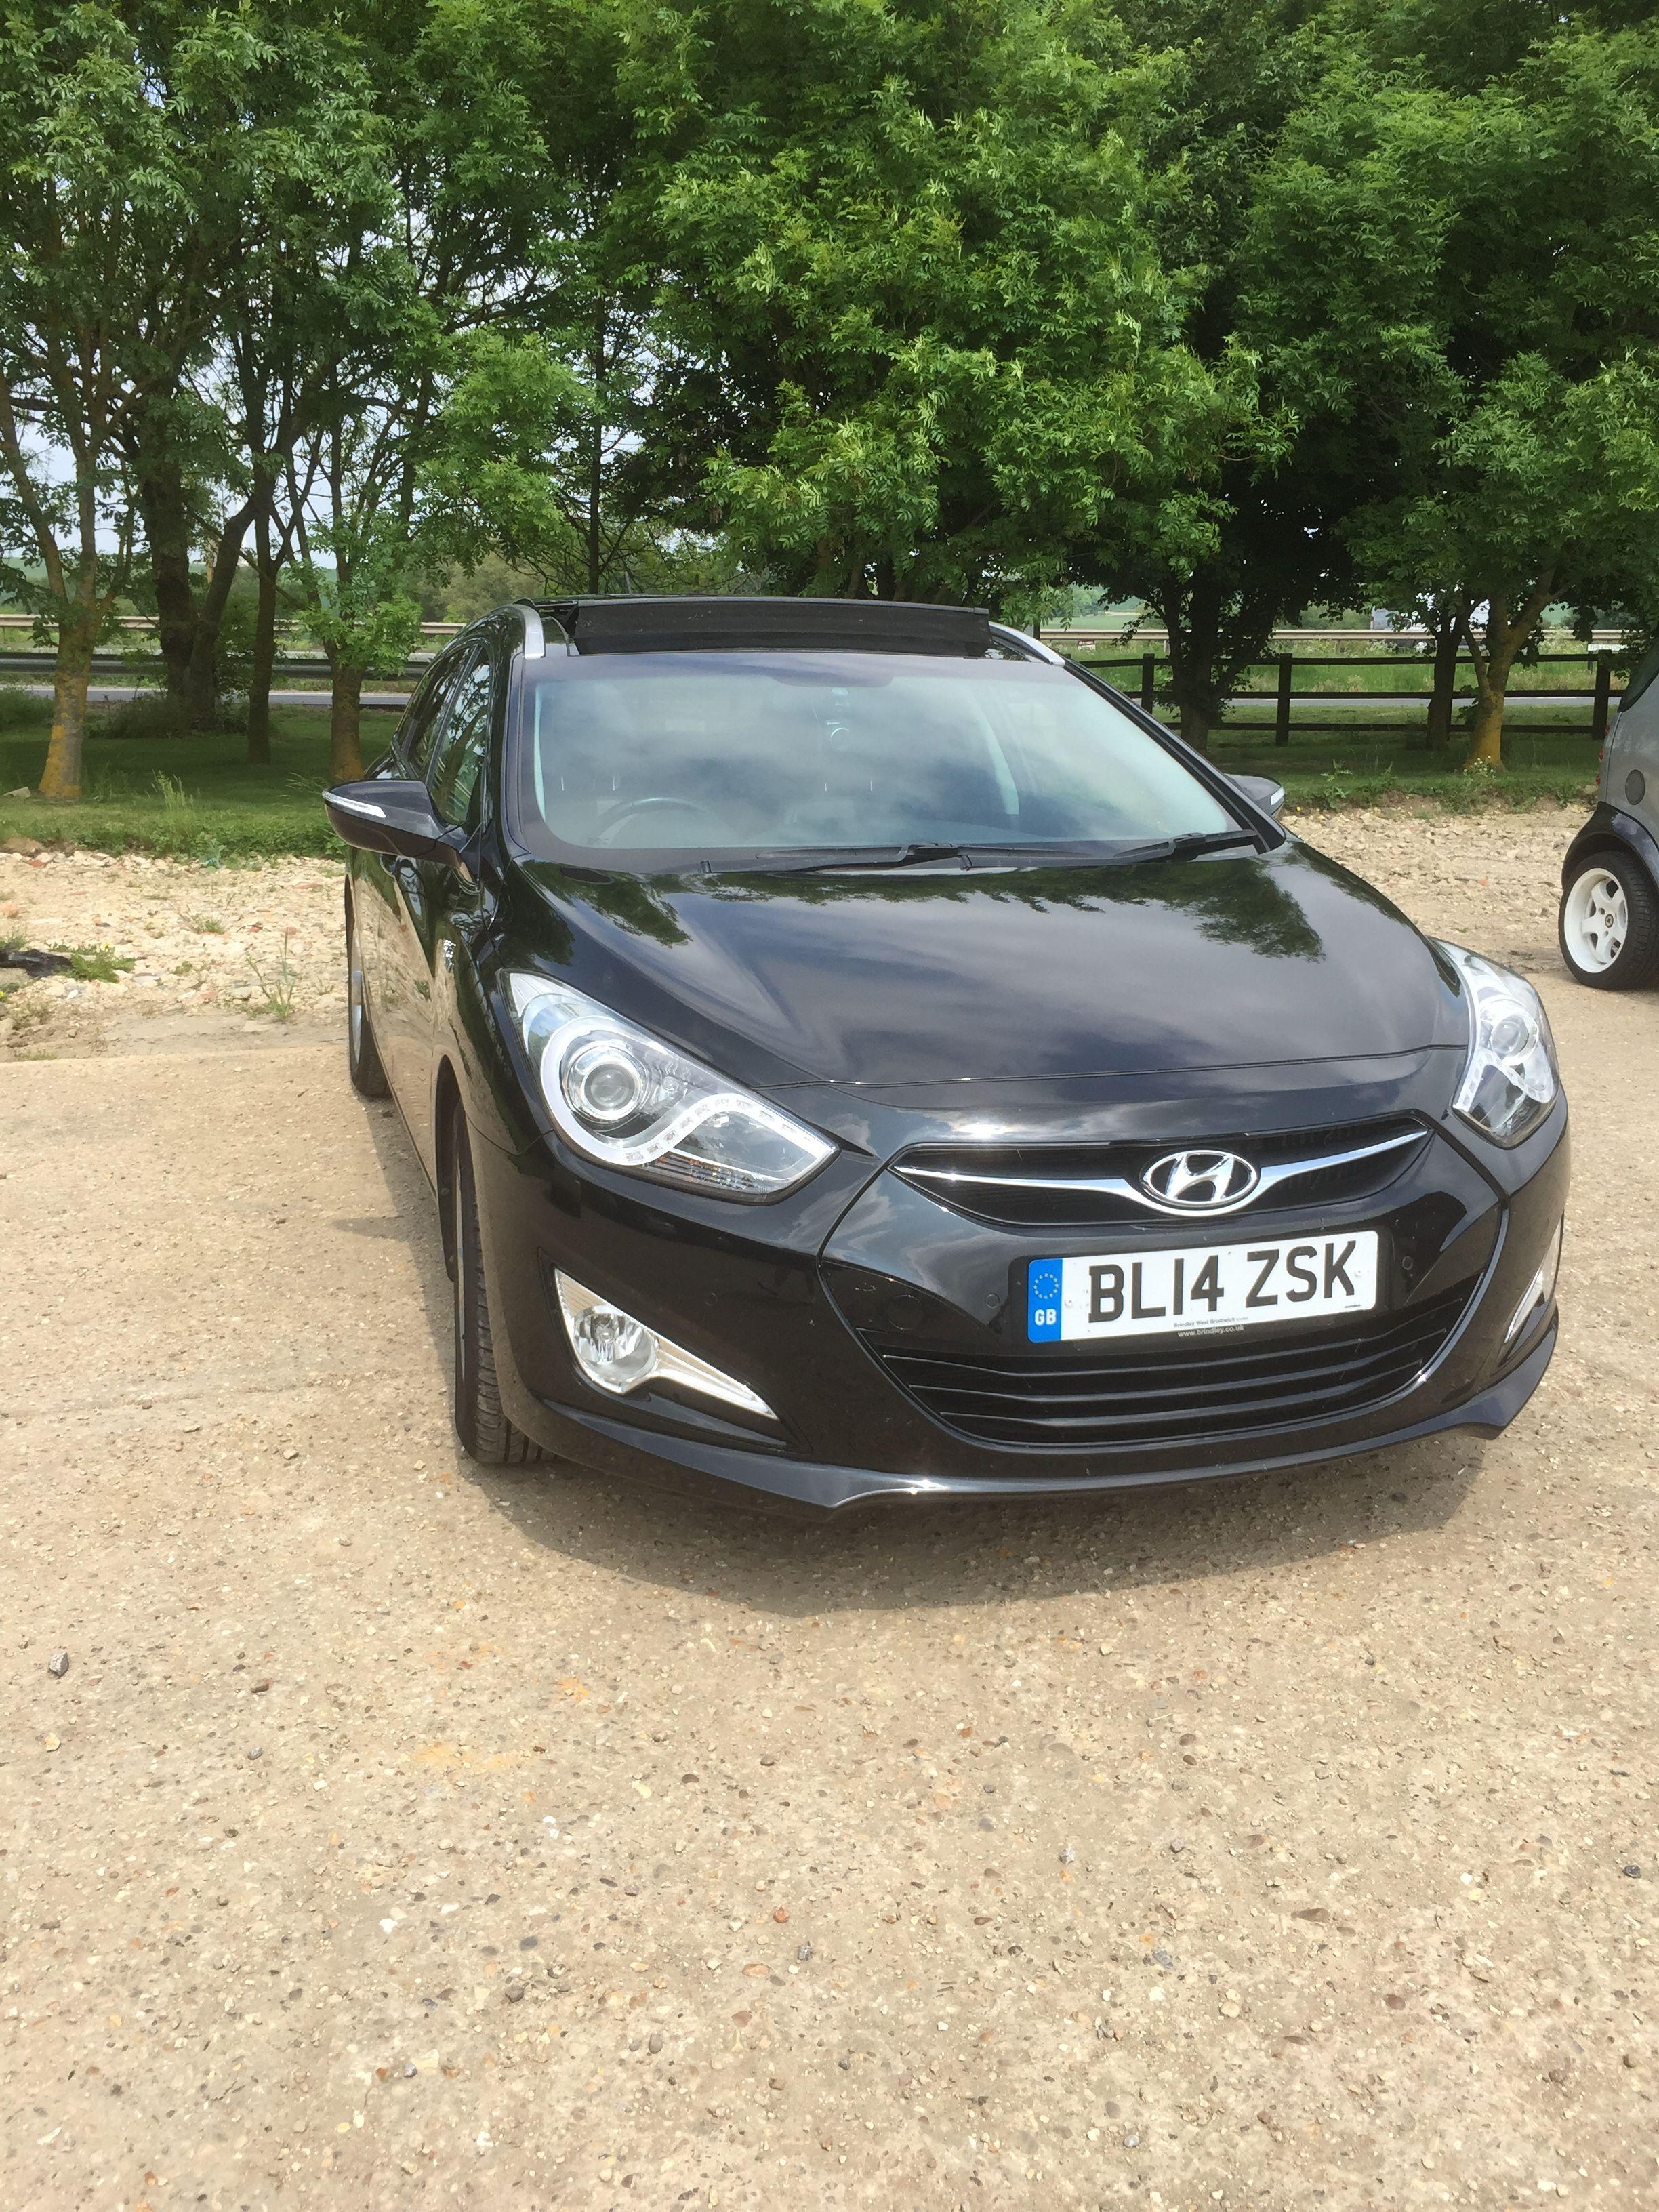 Hyundai i40 - My baby ❤️